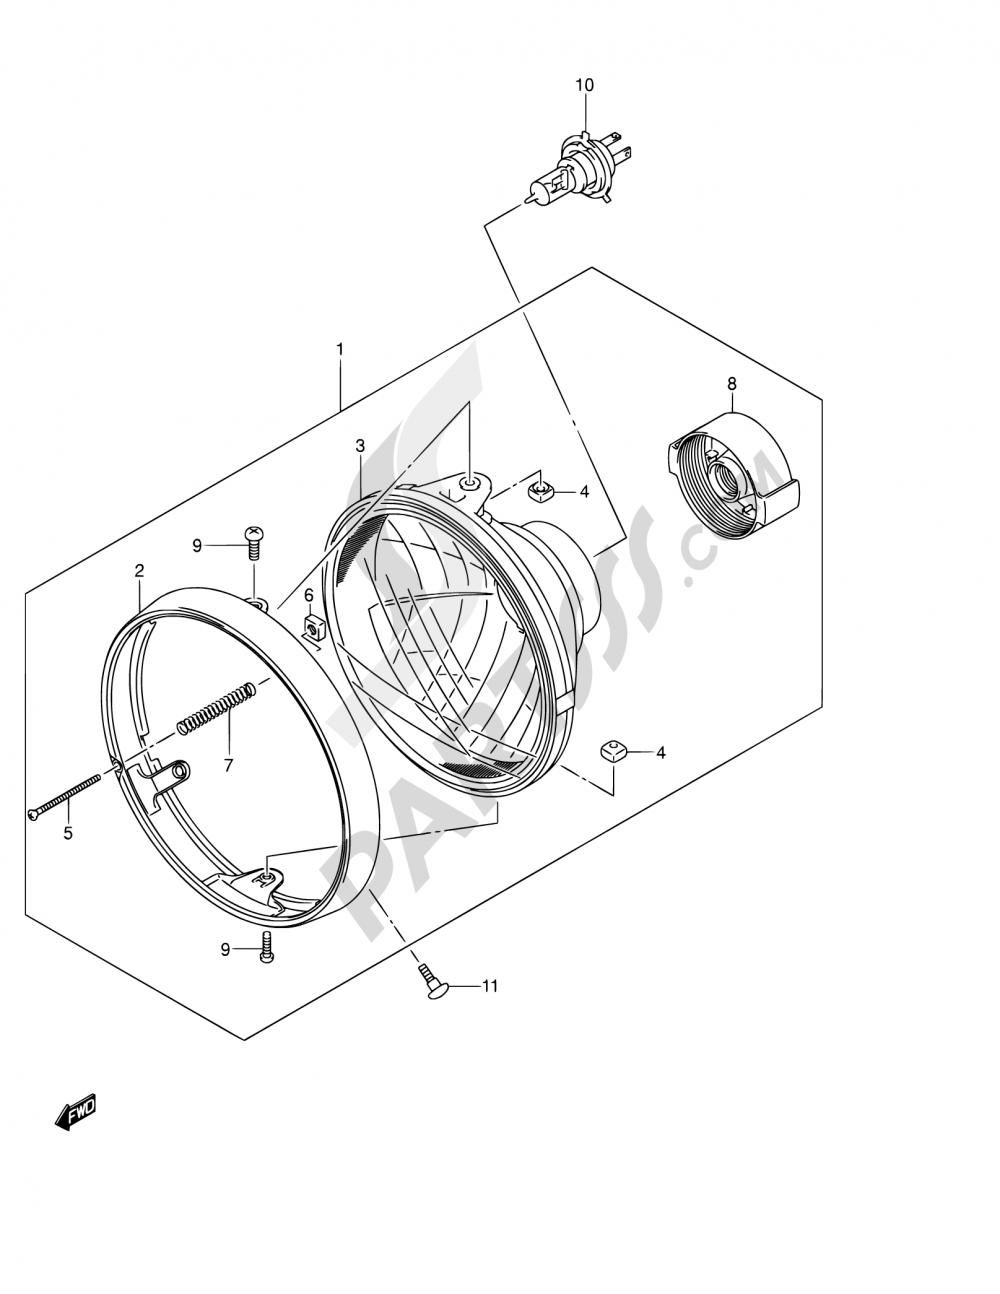 31 Headlamp Assy Gsx1400k2 K3 E24 Suzuki Gsx1400 2003 Bmw Engine Diagram